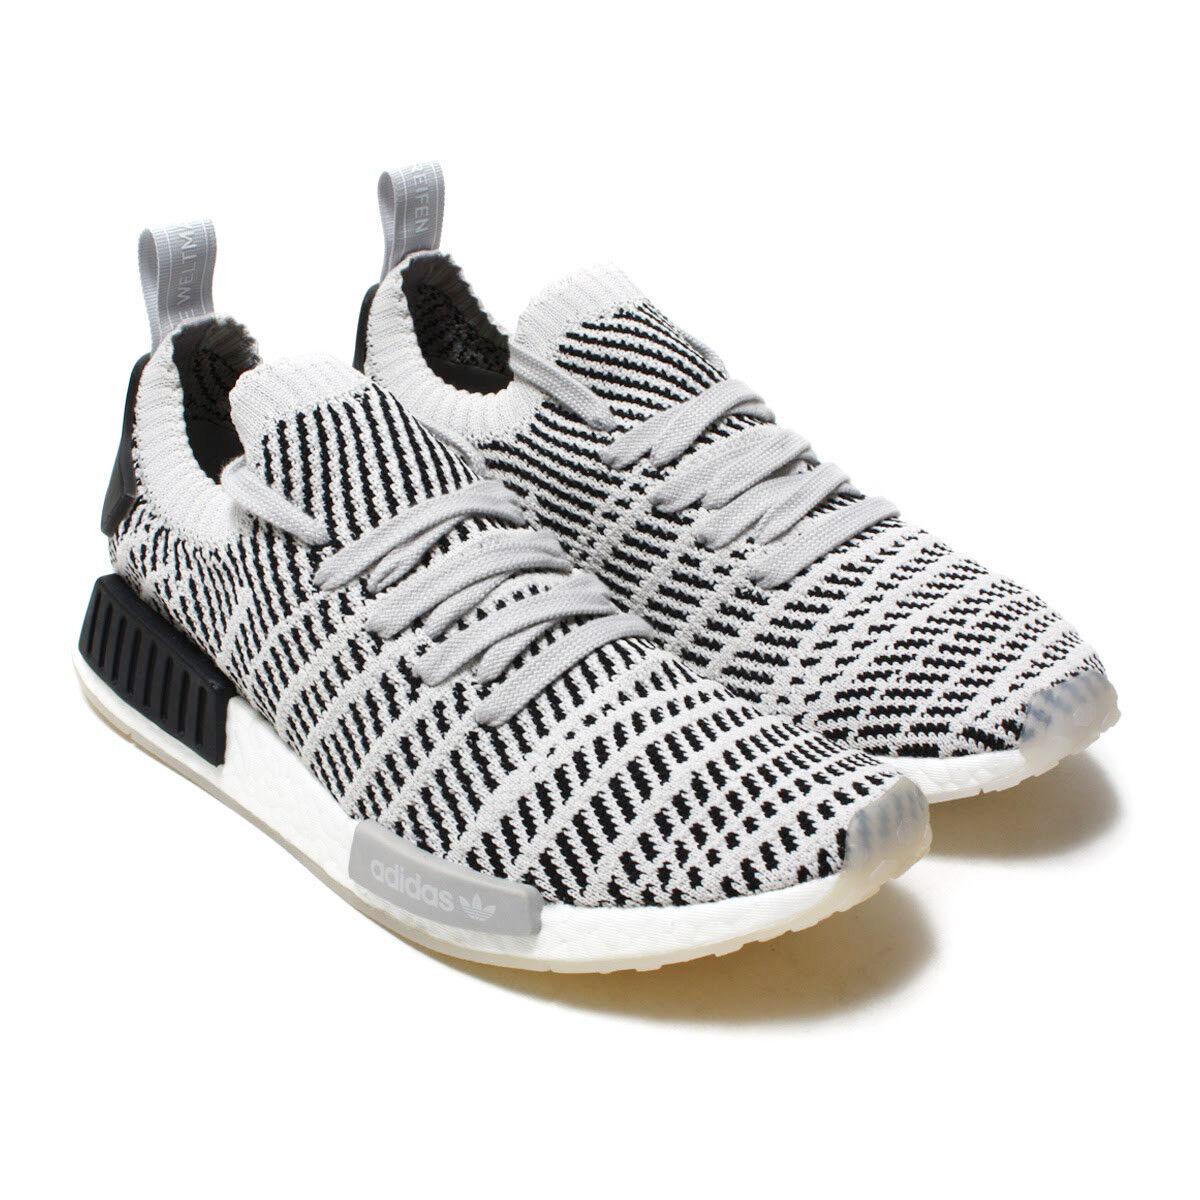 Adidas NMD R1 STLT PK Herren Schuhe Neu Gr:43 Gr:43 Gr:43 1/3  CQ2387 Flux superstar Zebra ad44c1